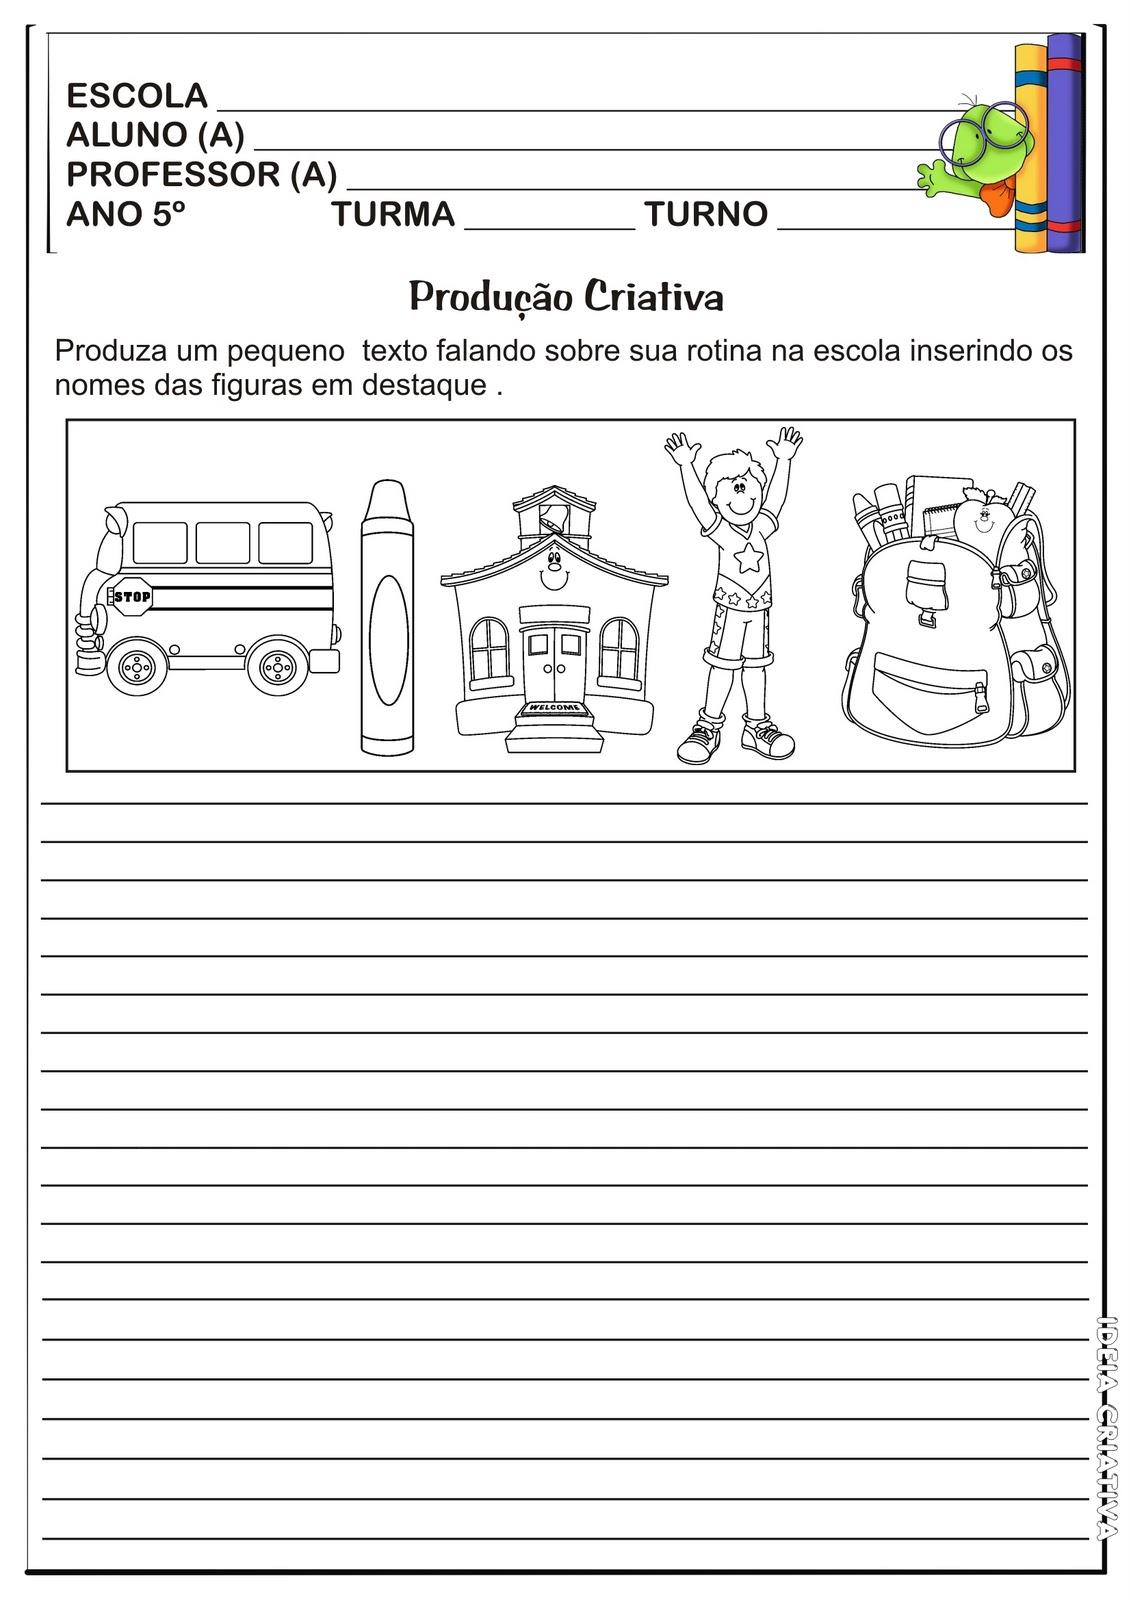 Suficiente Atividade Produção Textual/ Dia da Escola | Ideia Criativa - Gi  IJ97